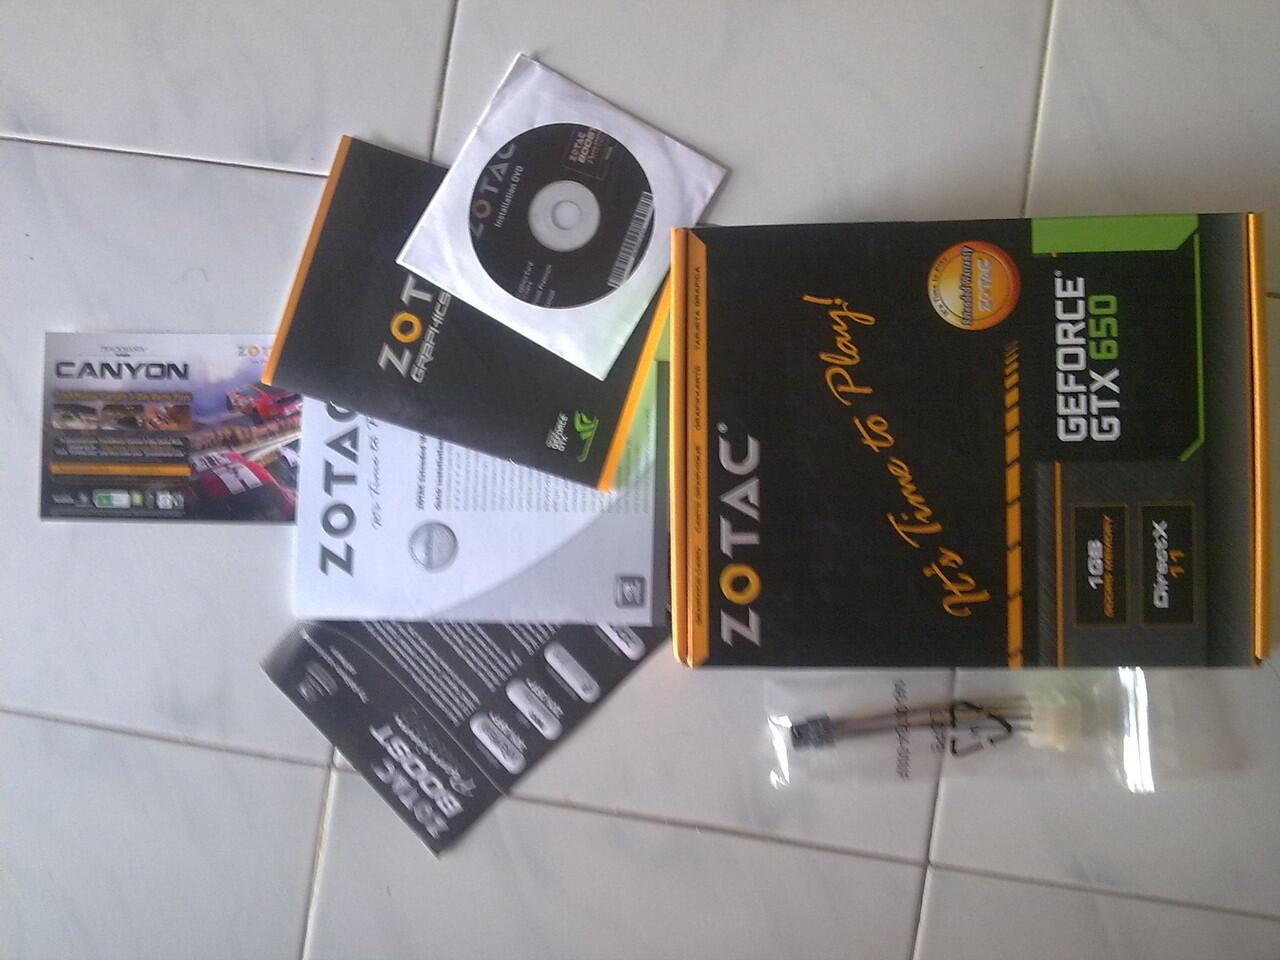 ZOTAC GTX 650 1G DDR5 128 BIT